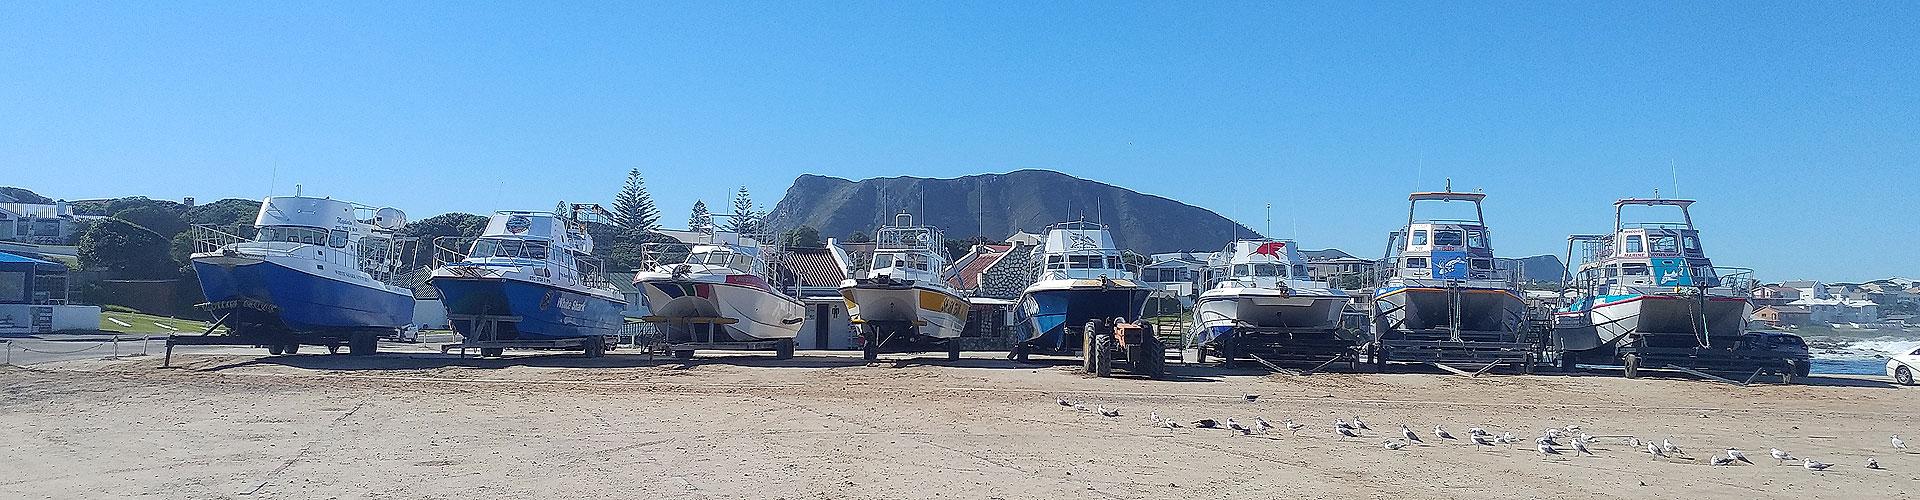 Kleinbaai harbour - shark boats